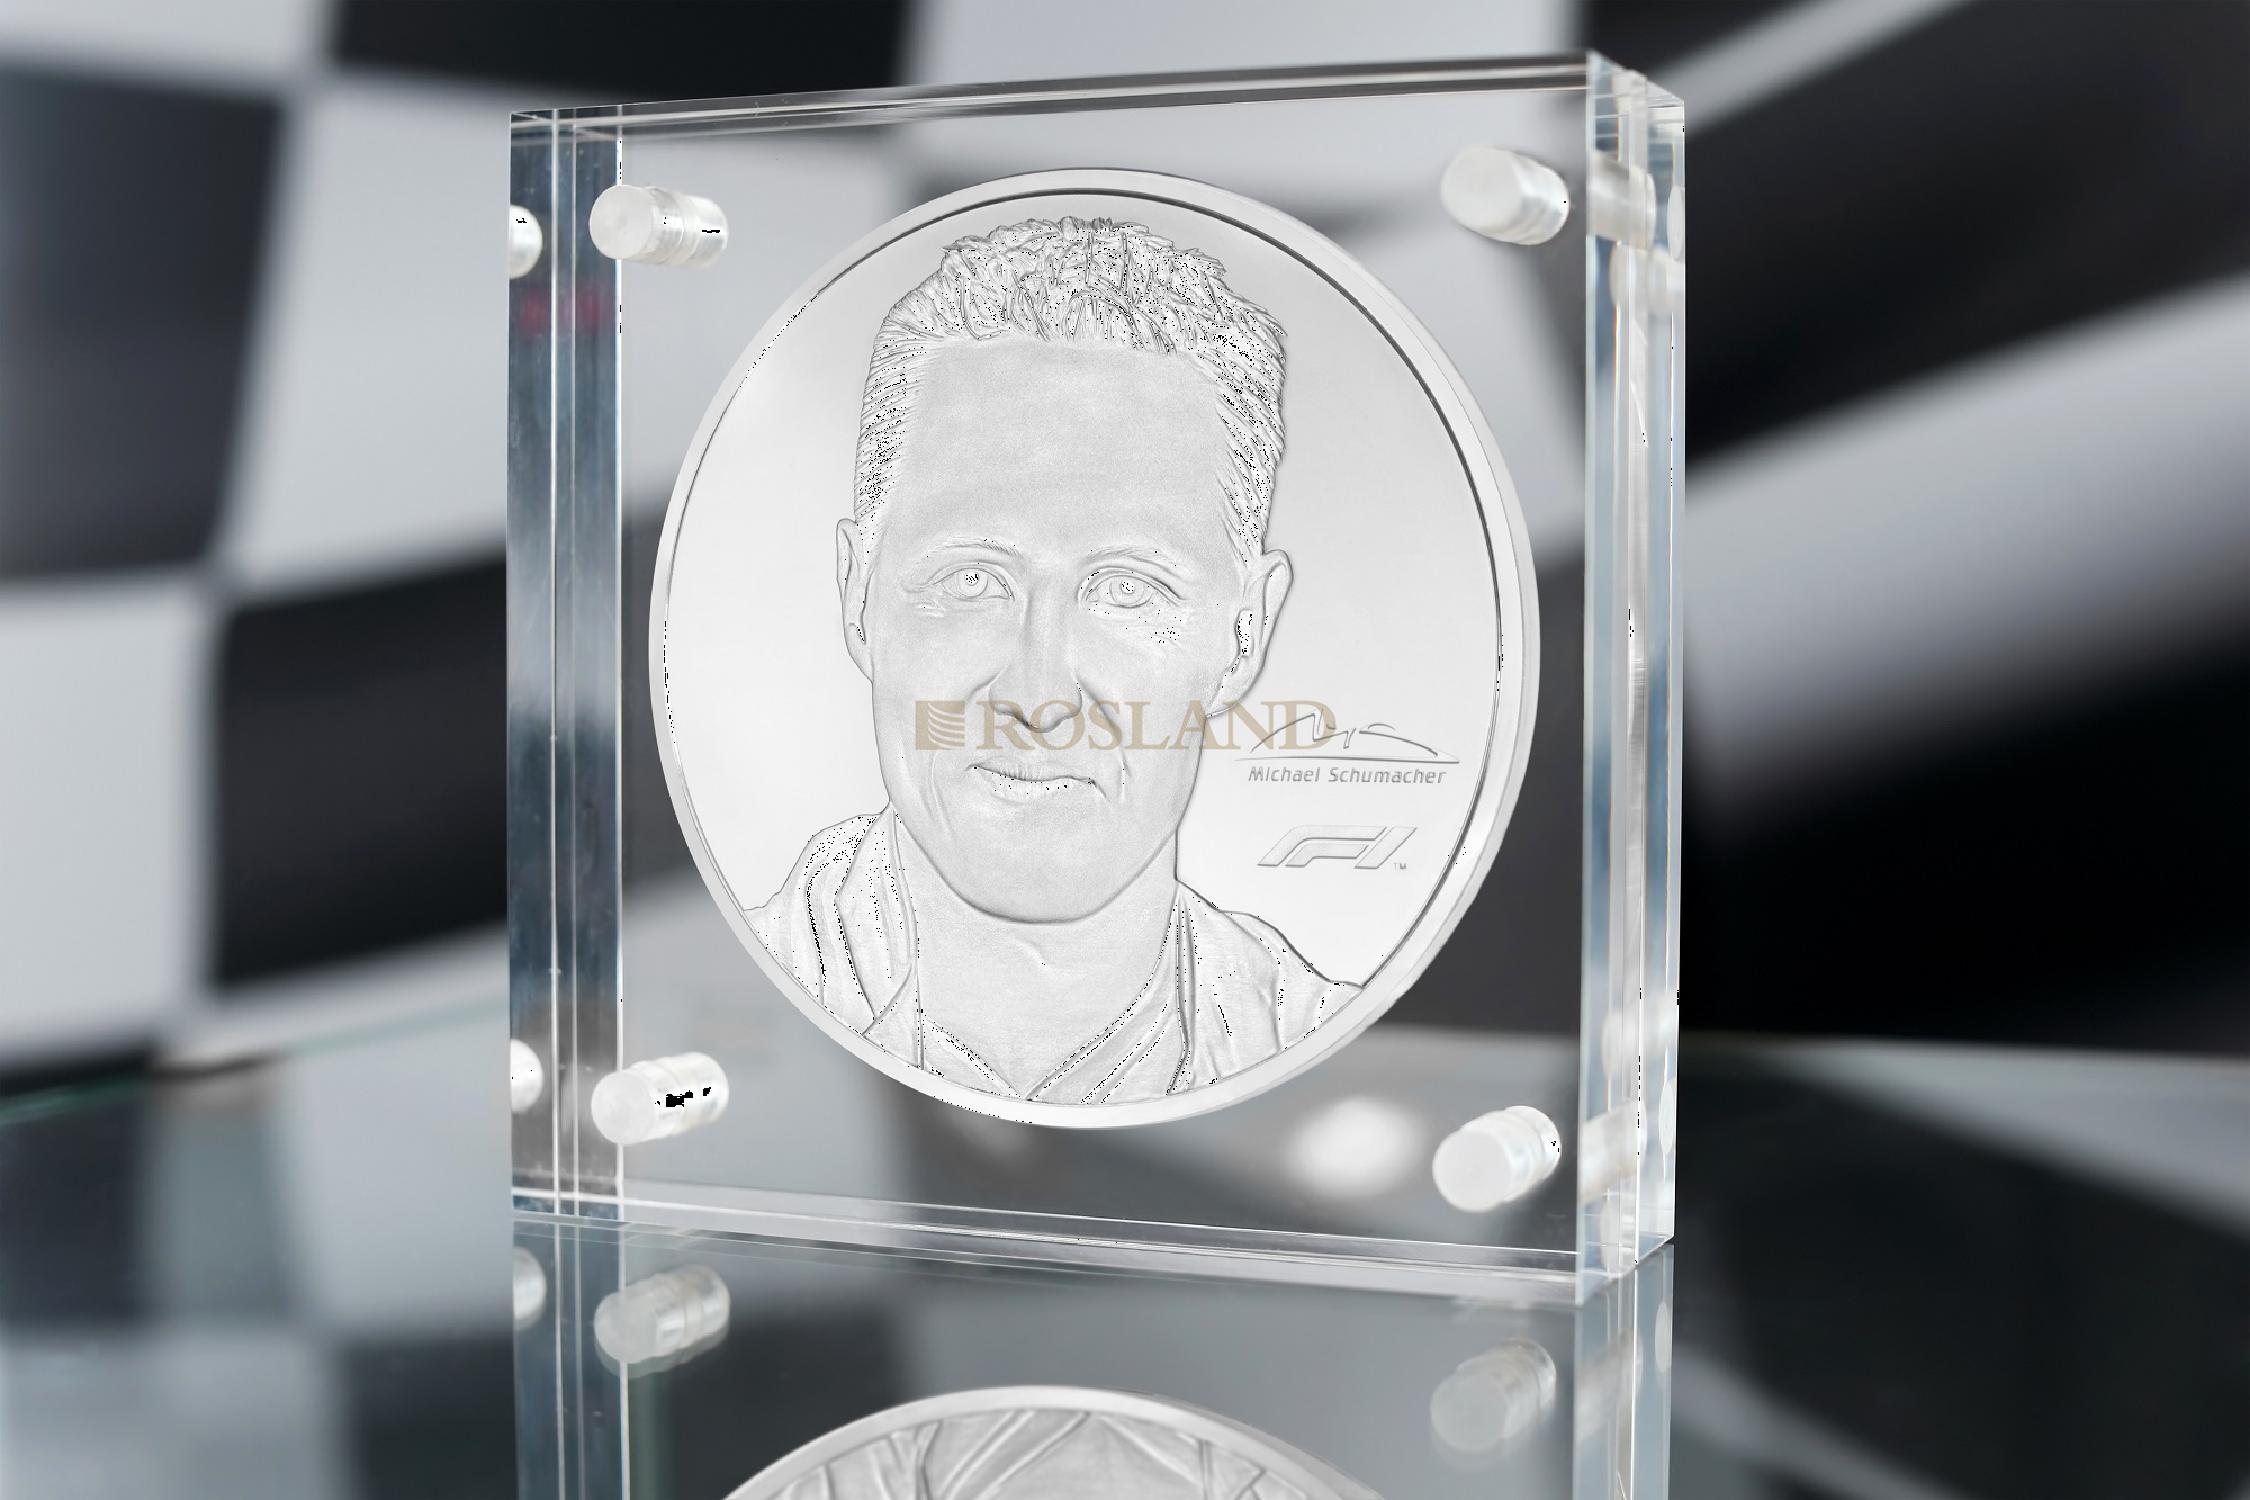 91 Unzen Silbermünze Michael Schumacher PP (Box, Zertifikat)